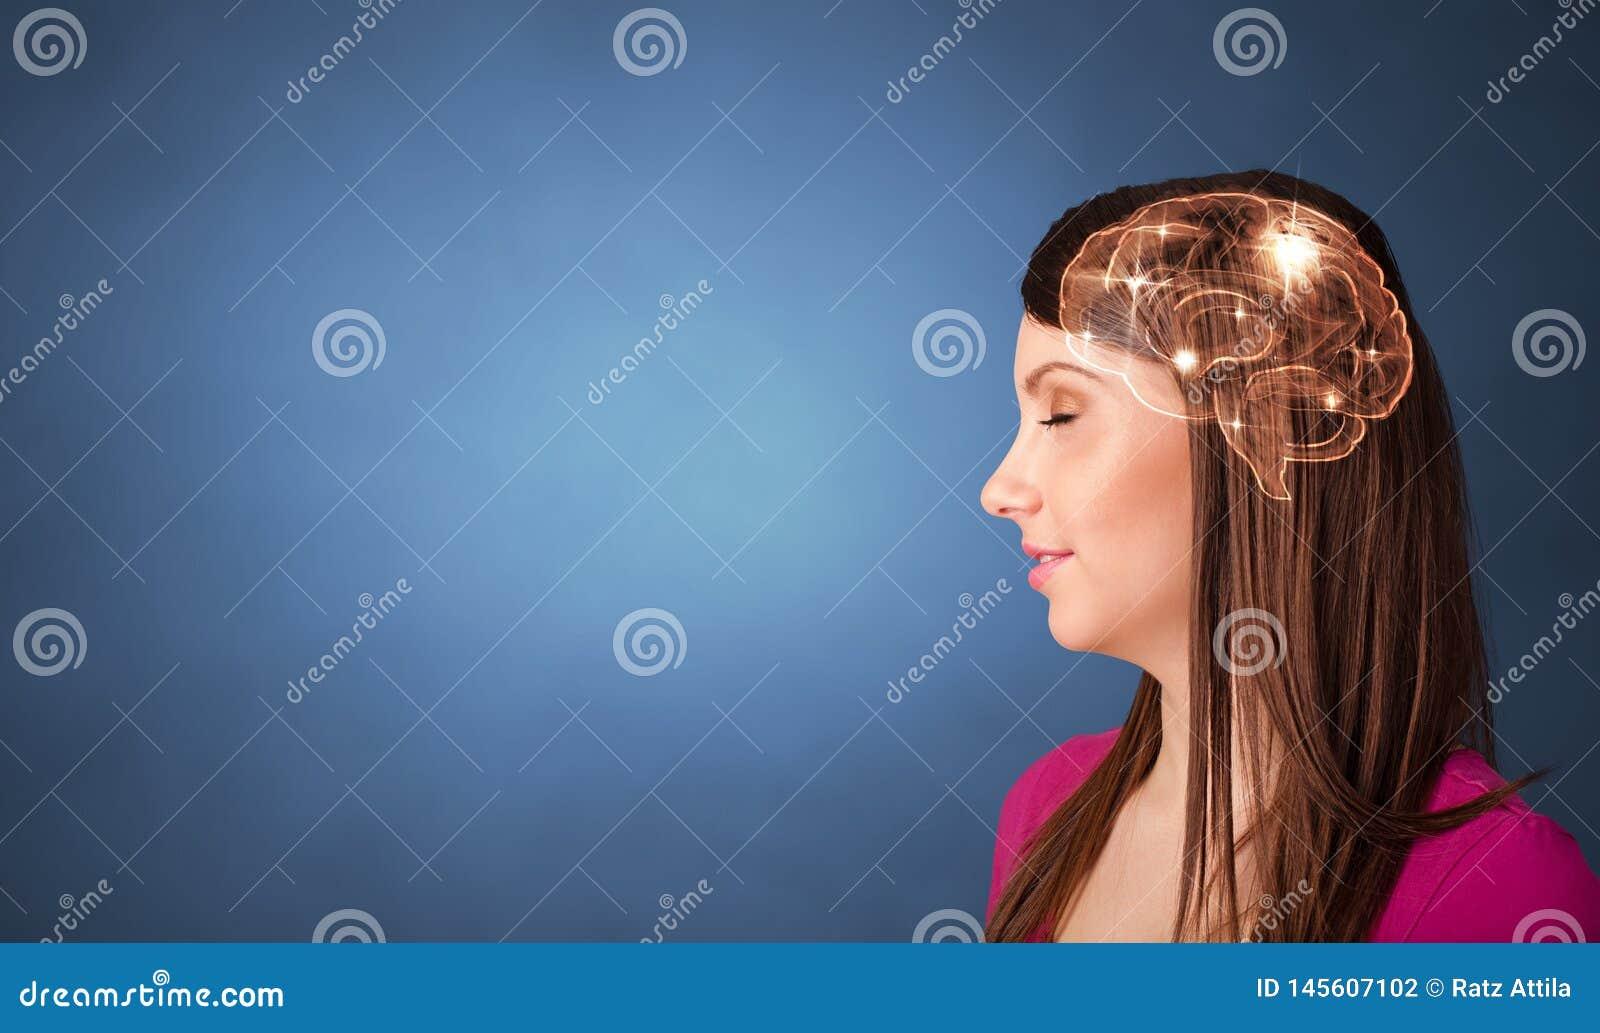 Portret met hersenen en brainstormingsconcept